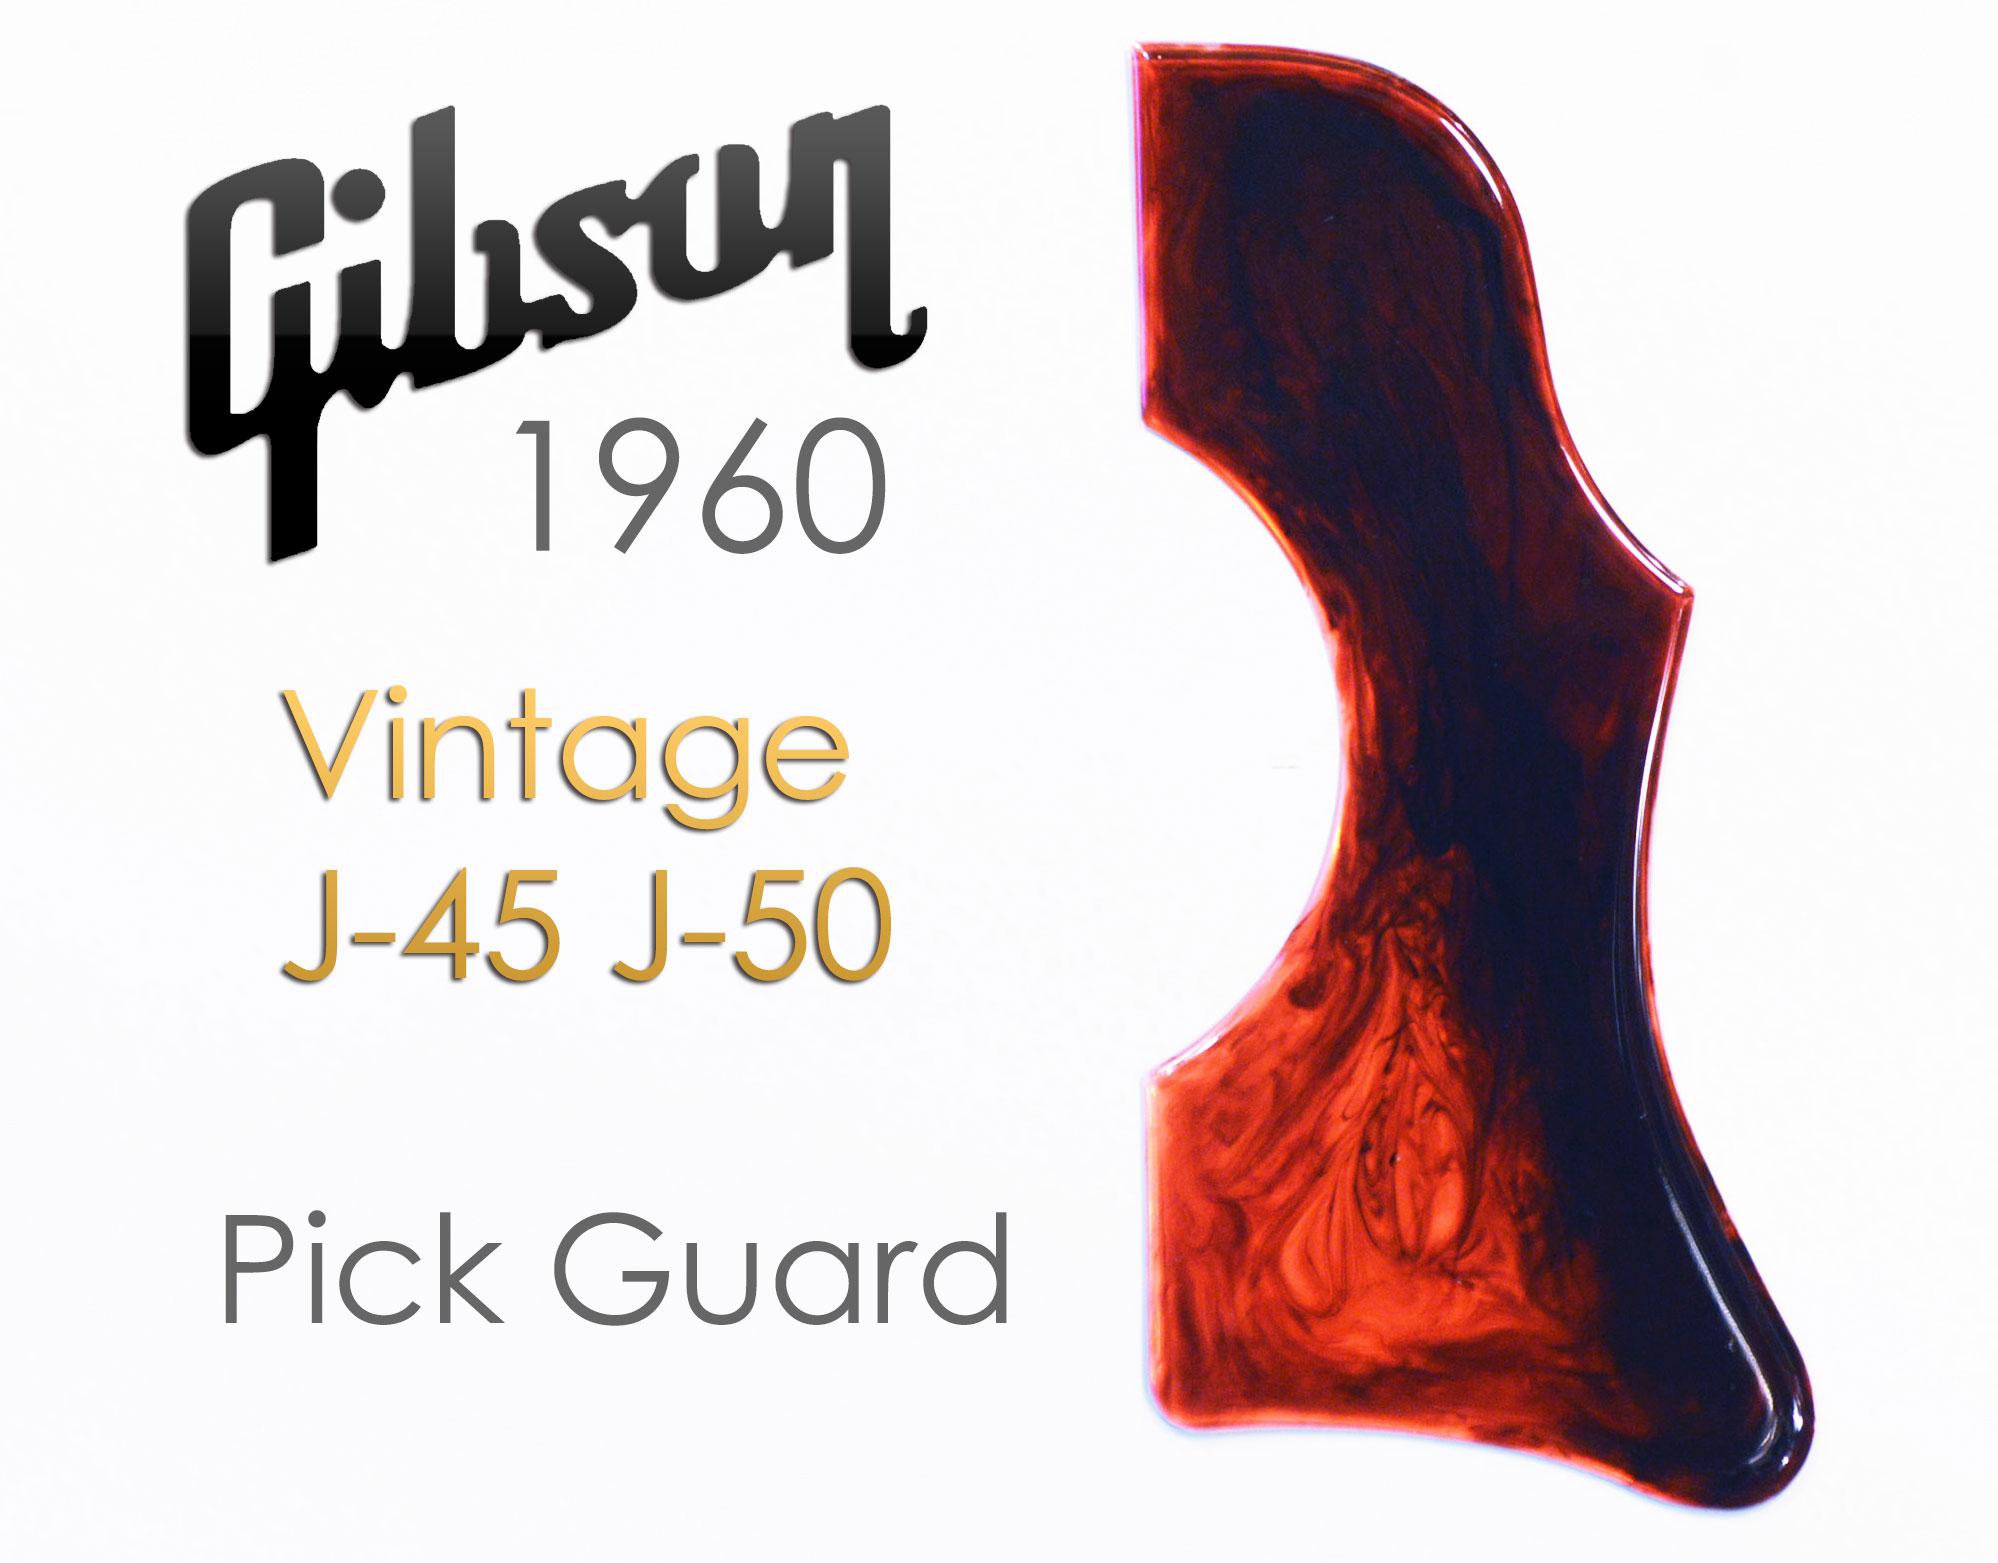 Gibson J-45 J-50 vintage pick Guard ギブソン ヴィンテージ 純正品を極限再現した カスタム ピックガード